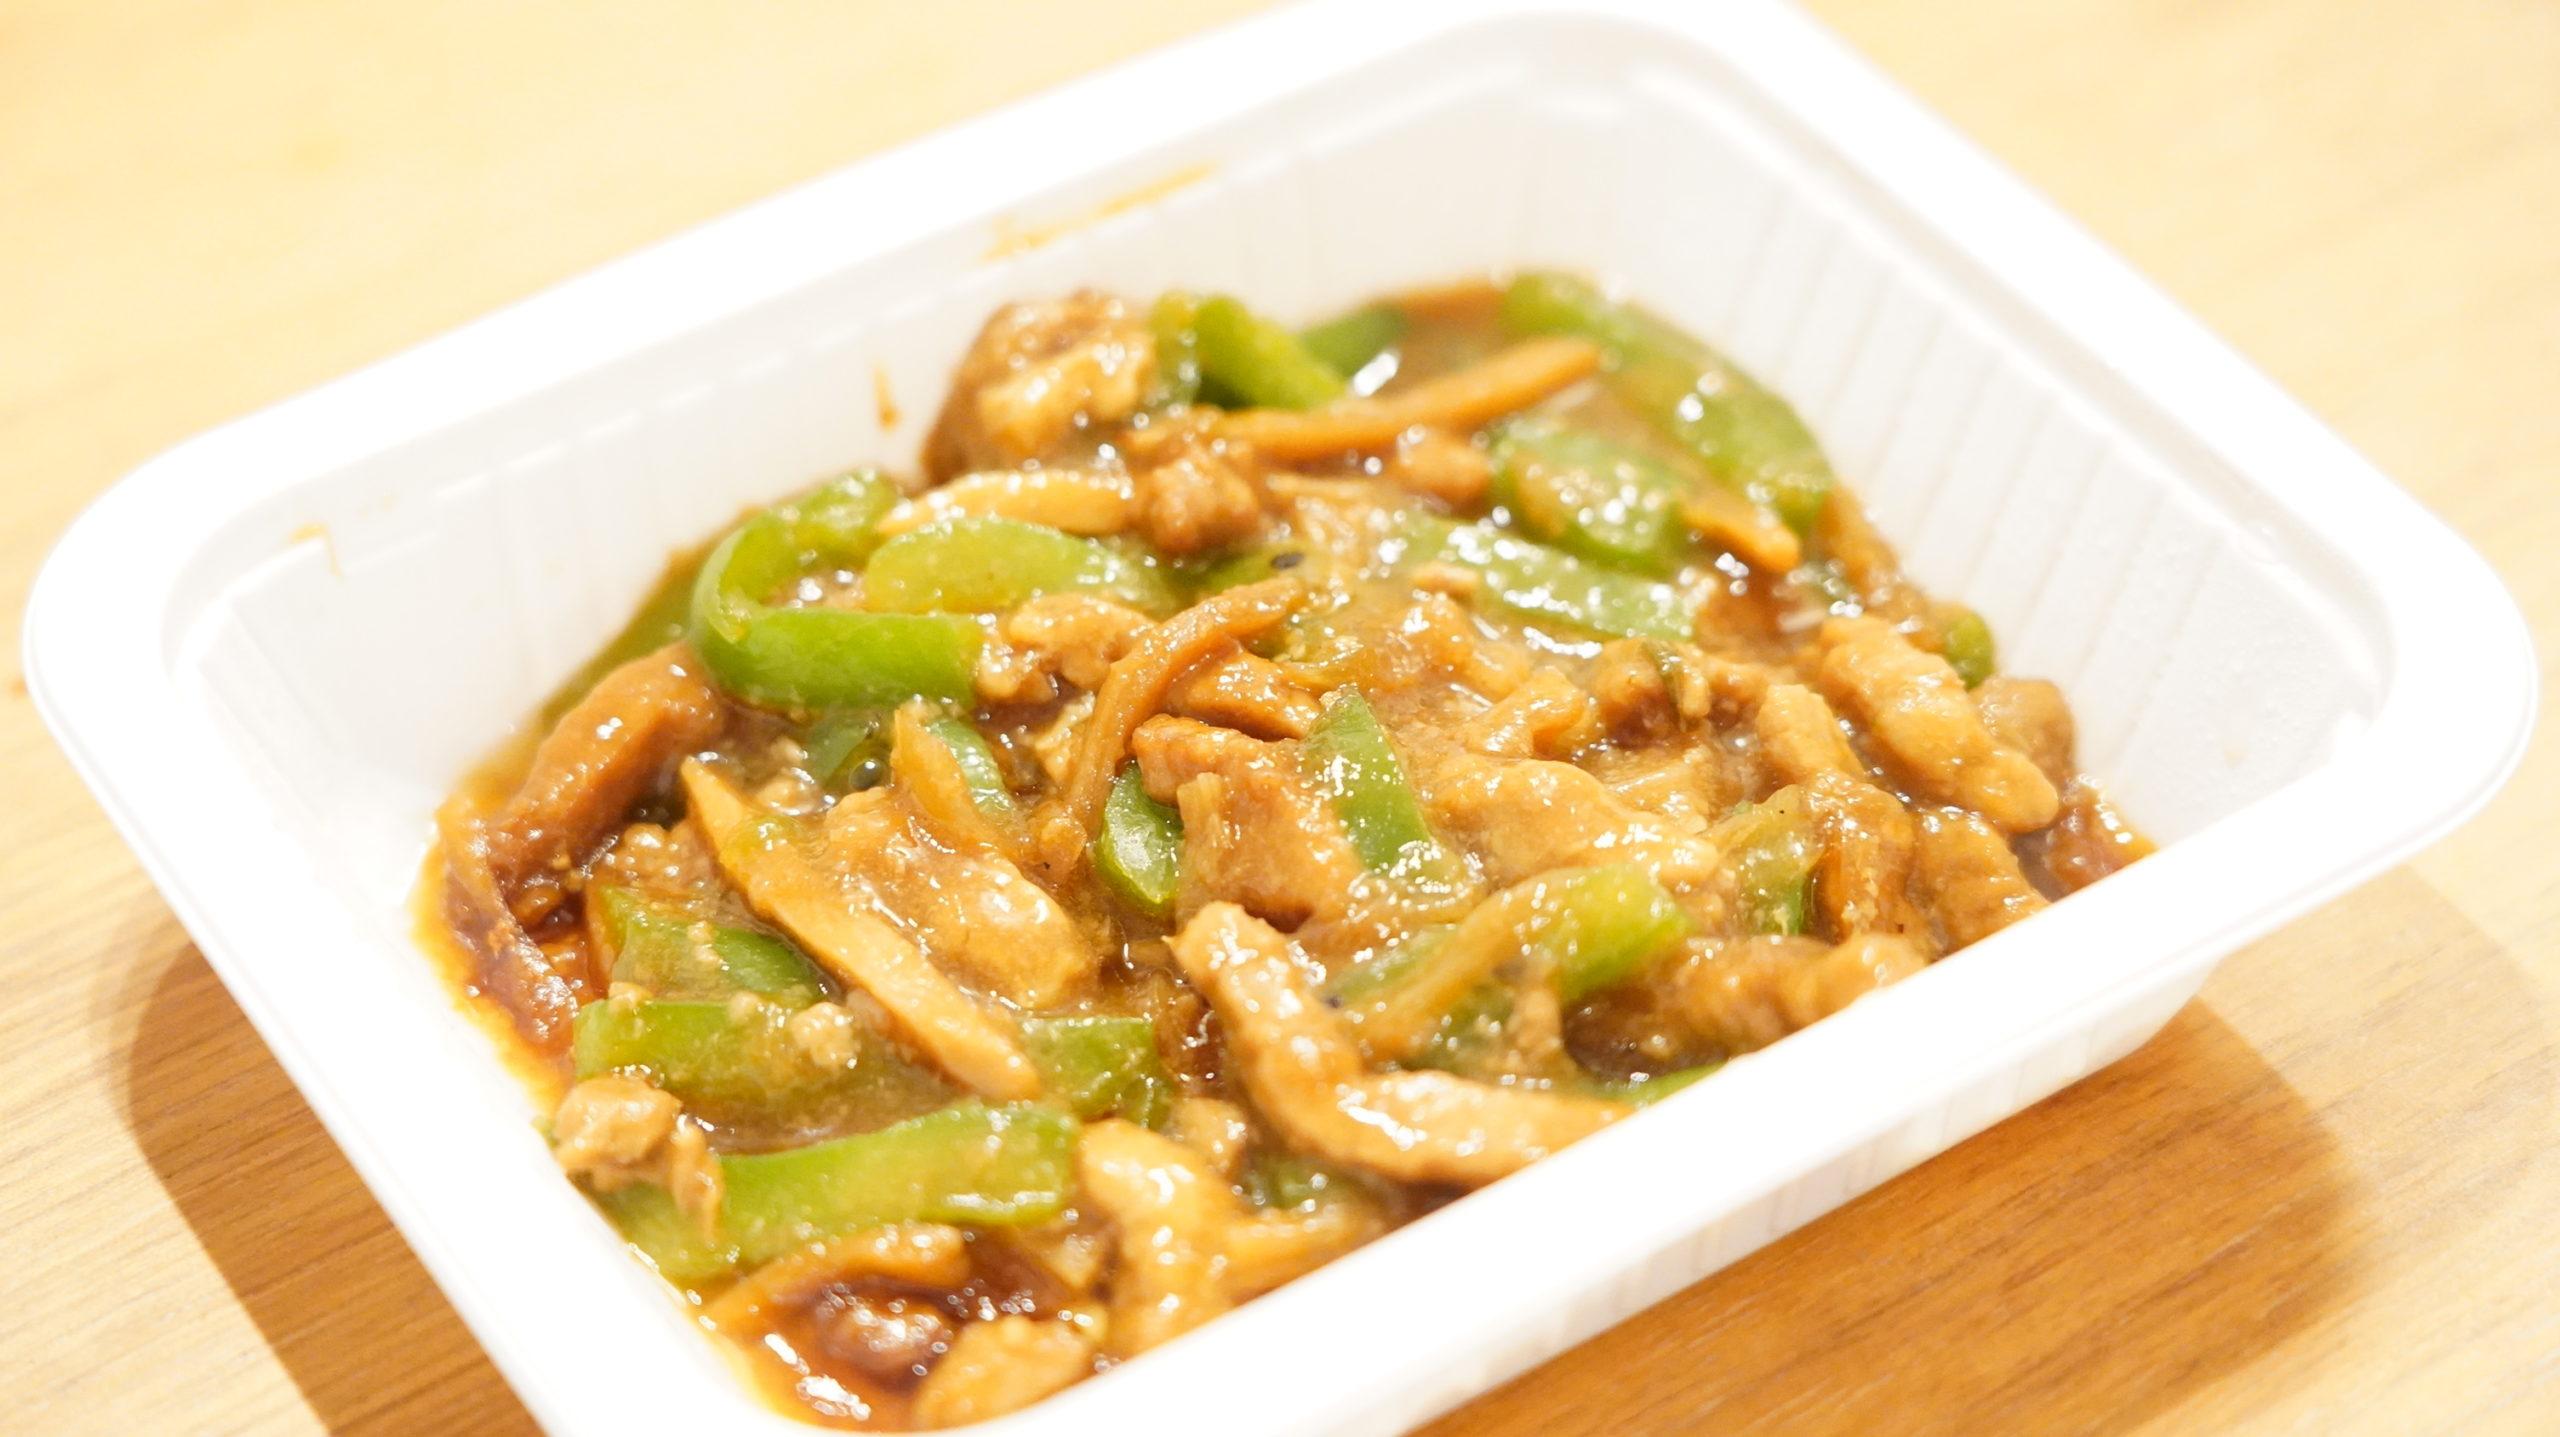 セブンイレブンの冷凍食品「やみつきになる香ばしさ・青椒肉絲(チンジャオロースー」の具がたっぷり入っている様子の写真